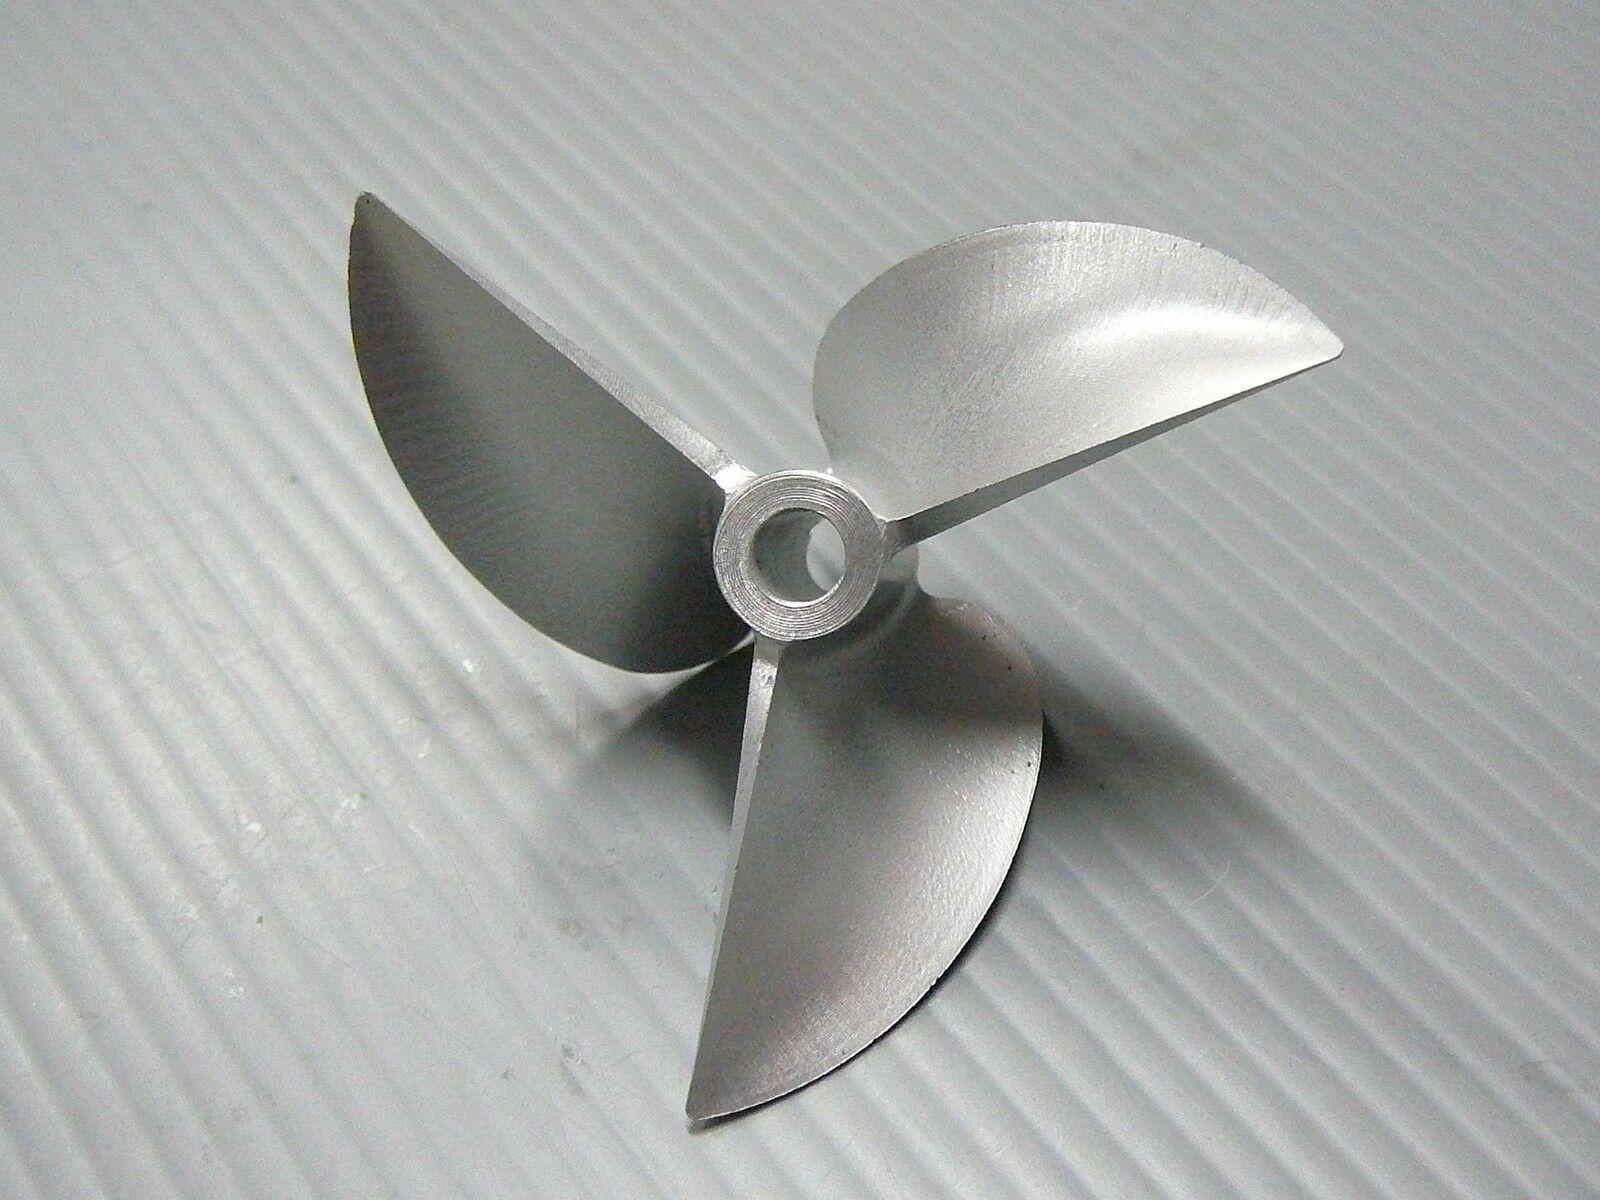 VXP M4 Thread VX3218 3 32mm 1.8p CNC Non Lift De Tongued EP Boat Prop Propeller